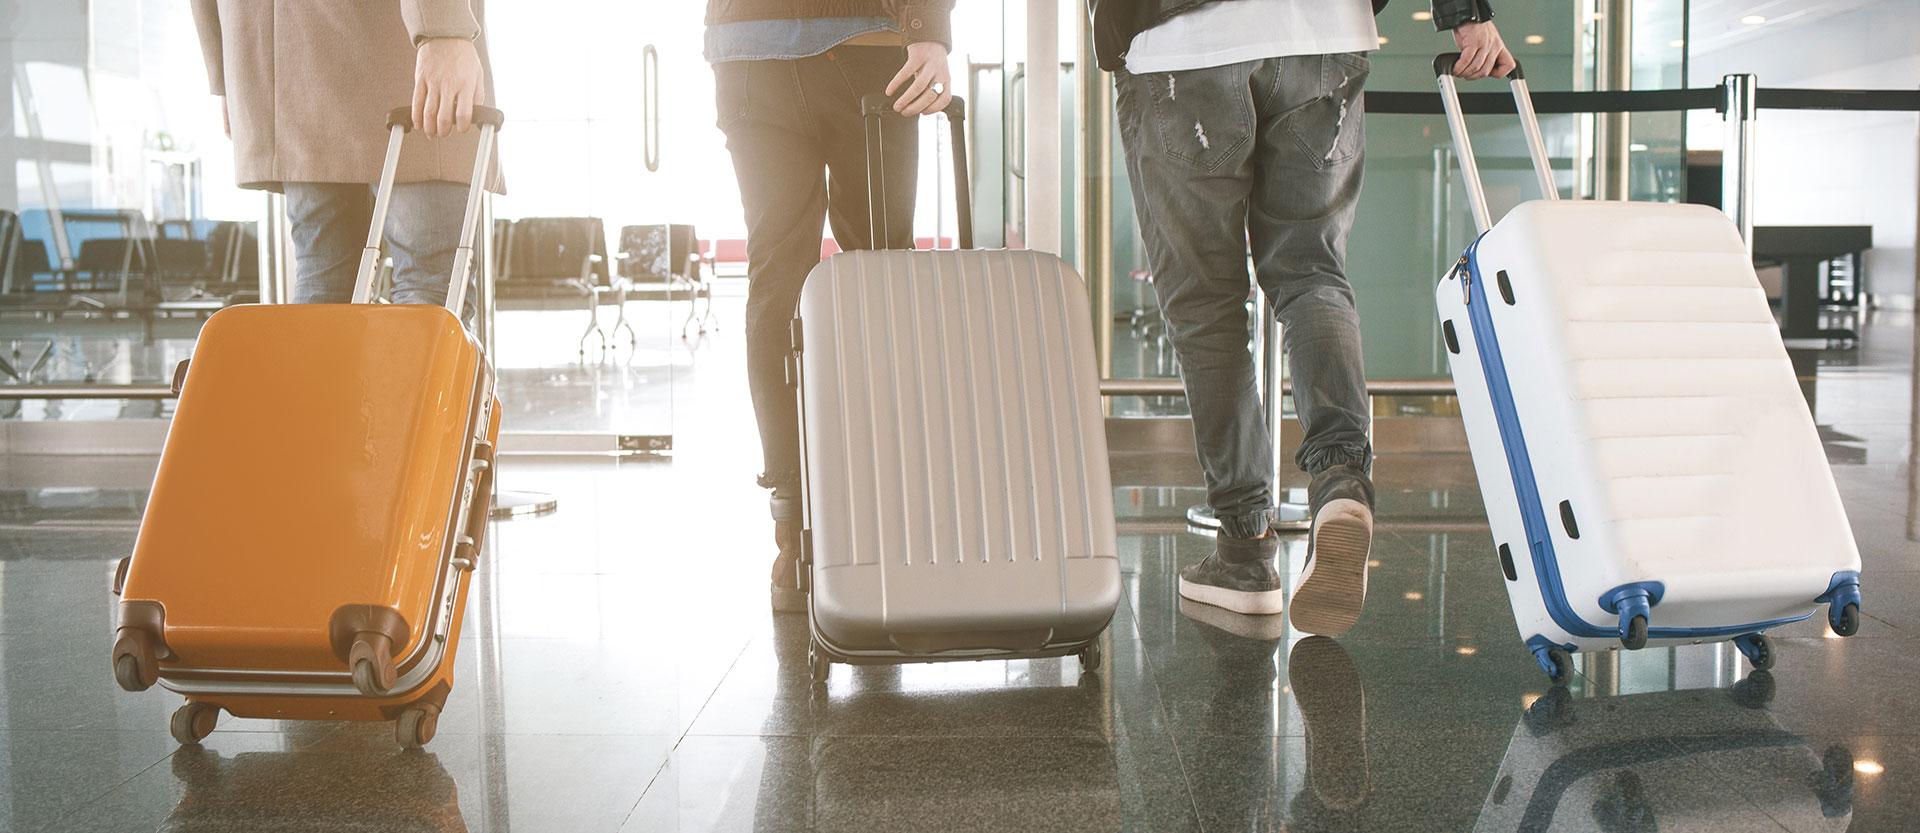 Drei Menschen mit Koffer am Flughafen